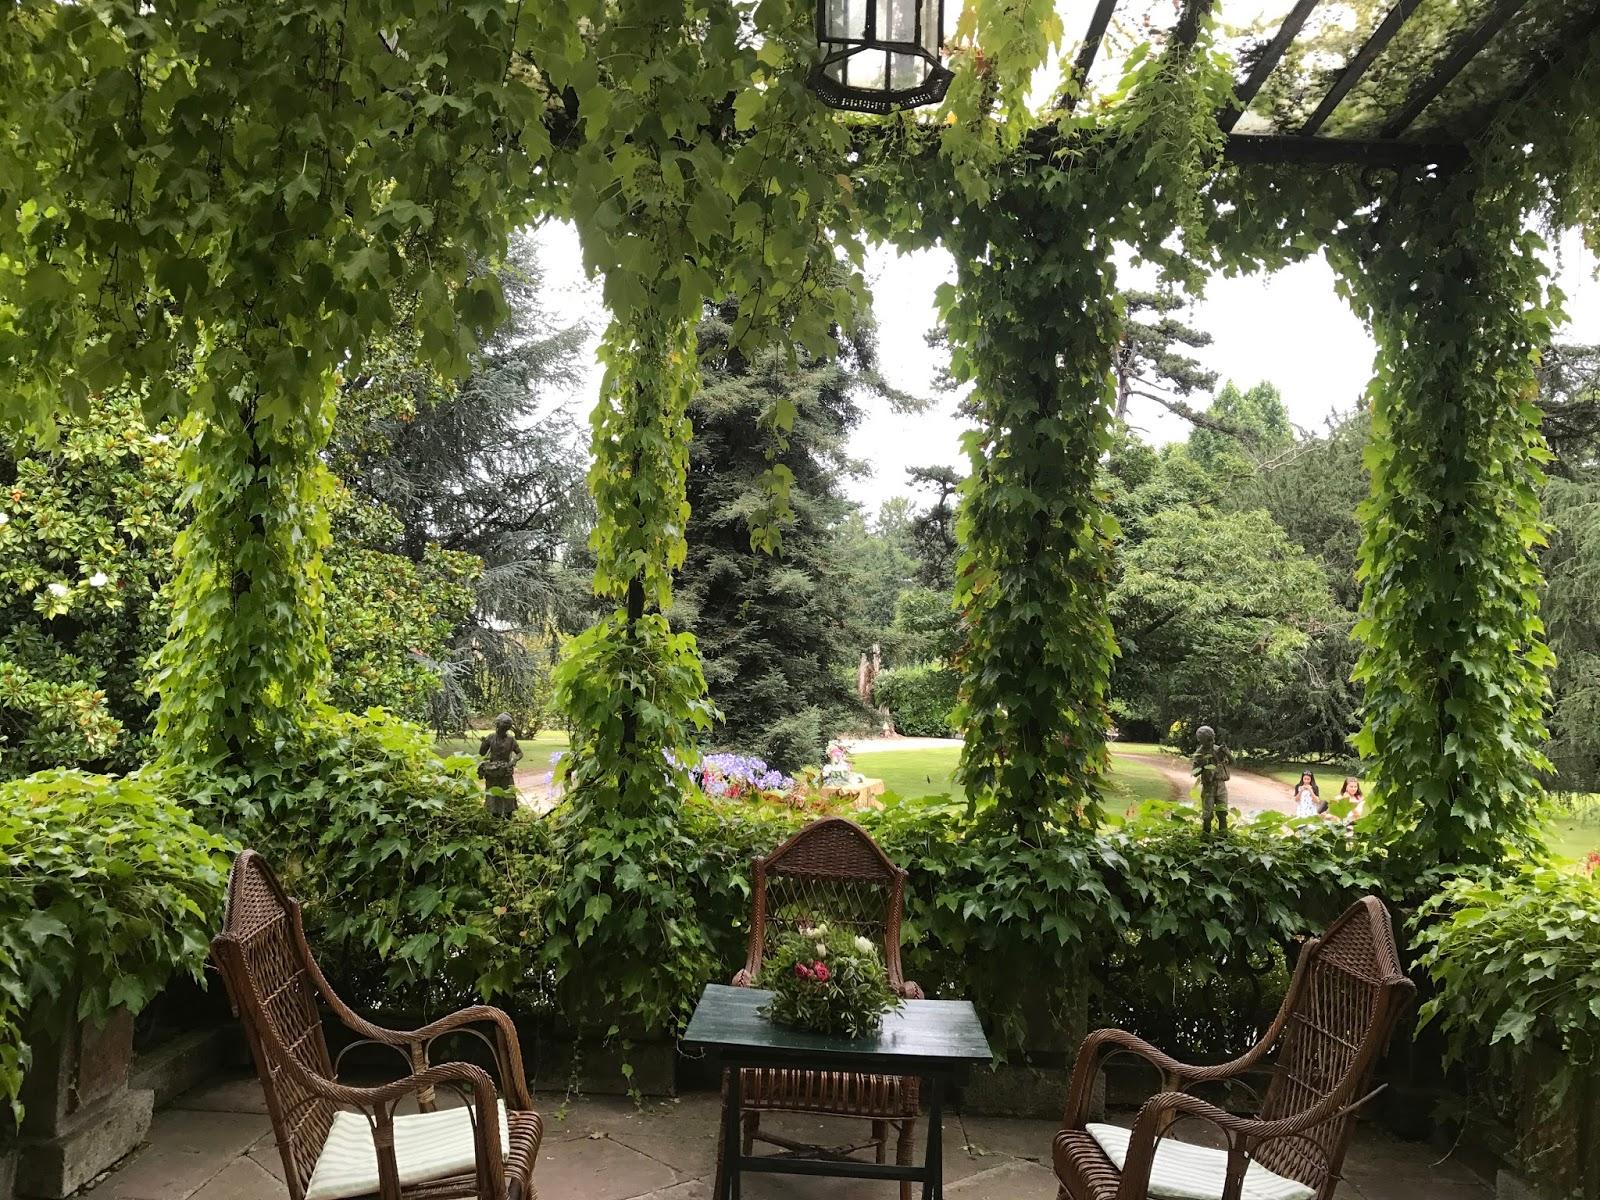 La mirada actual boda de carmen de or ol y sp nola y for Pizza jardin marcelo spinola